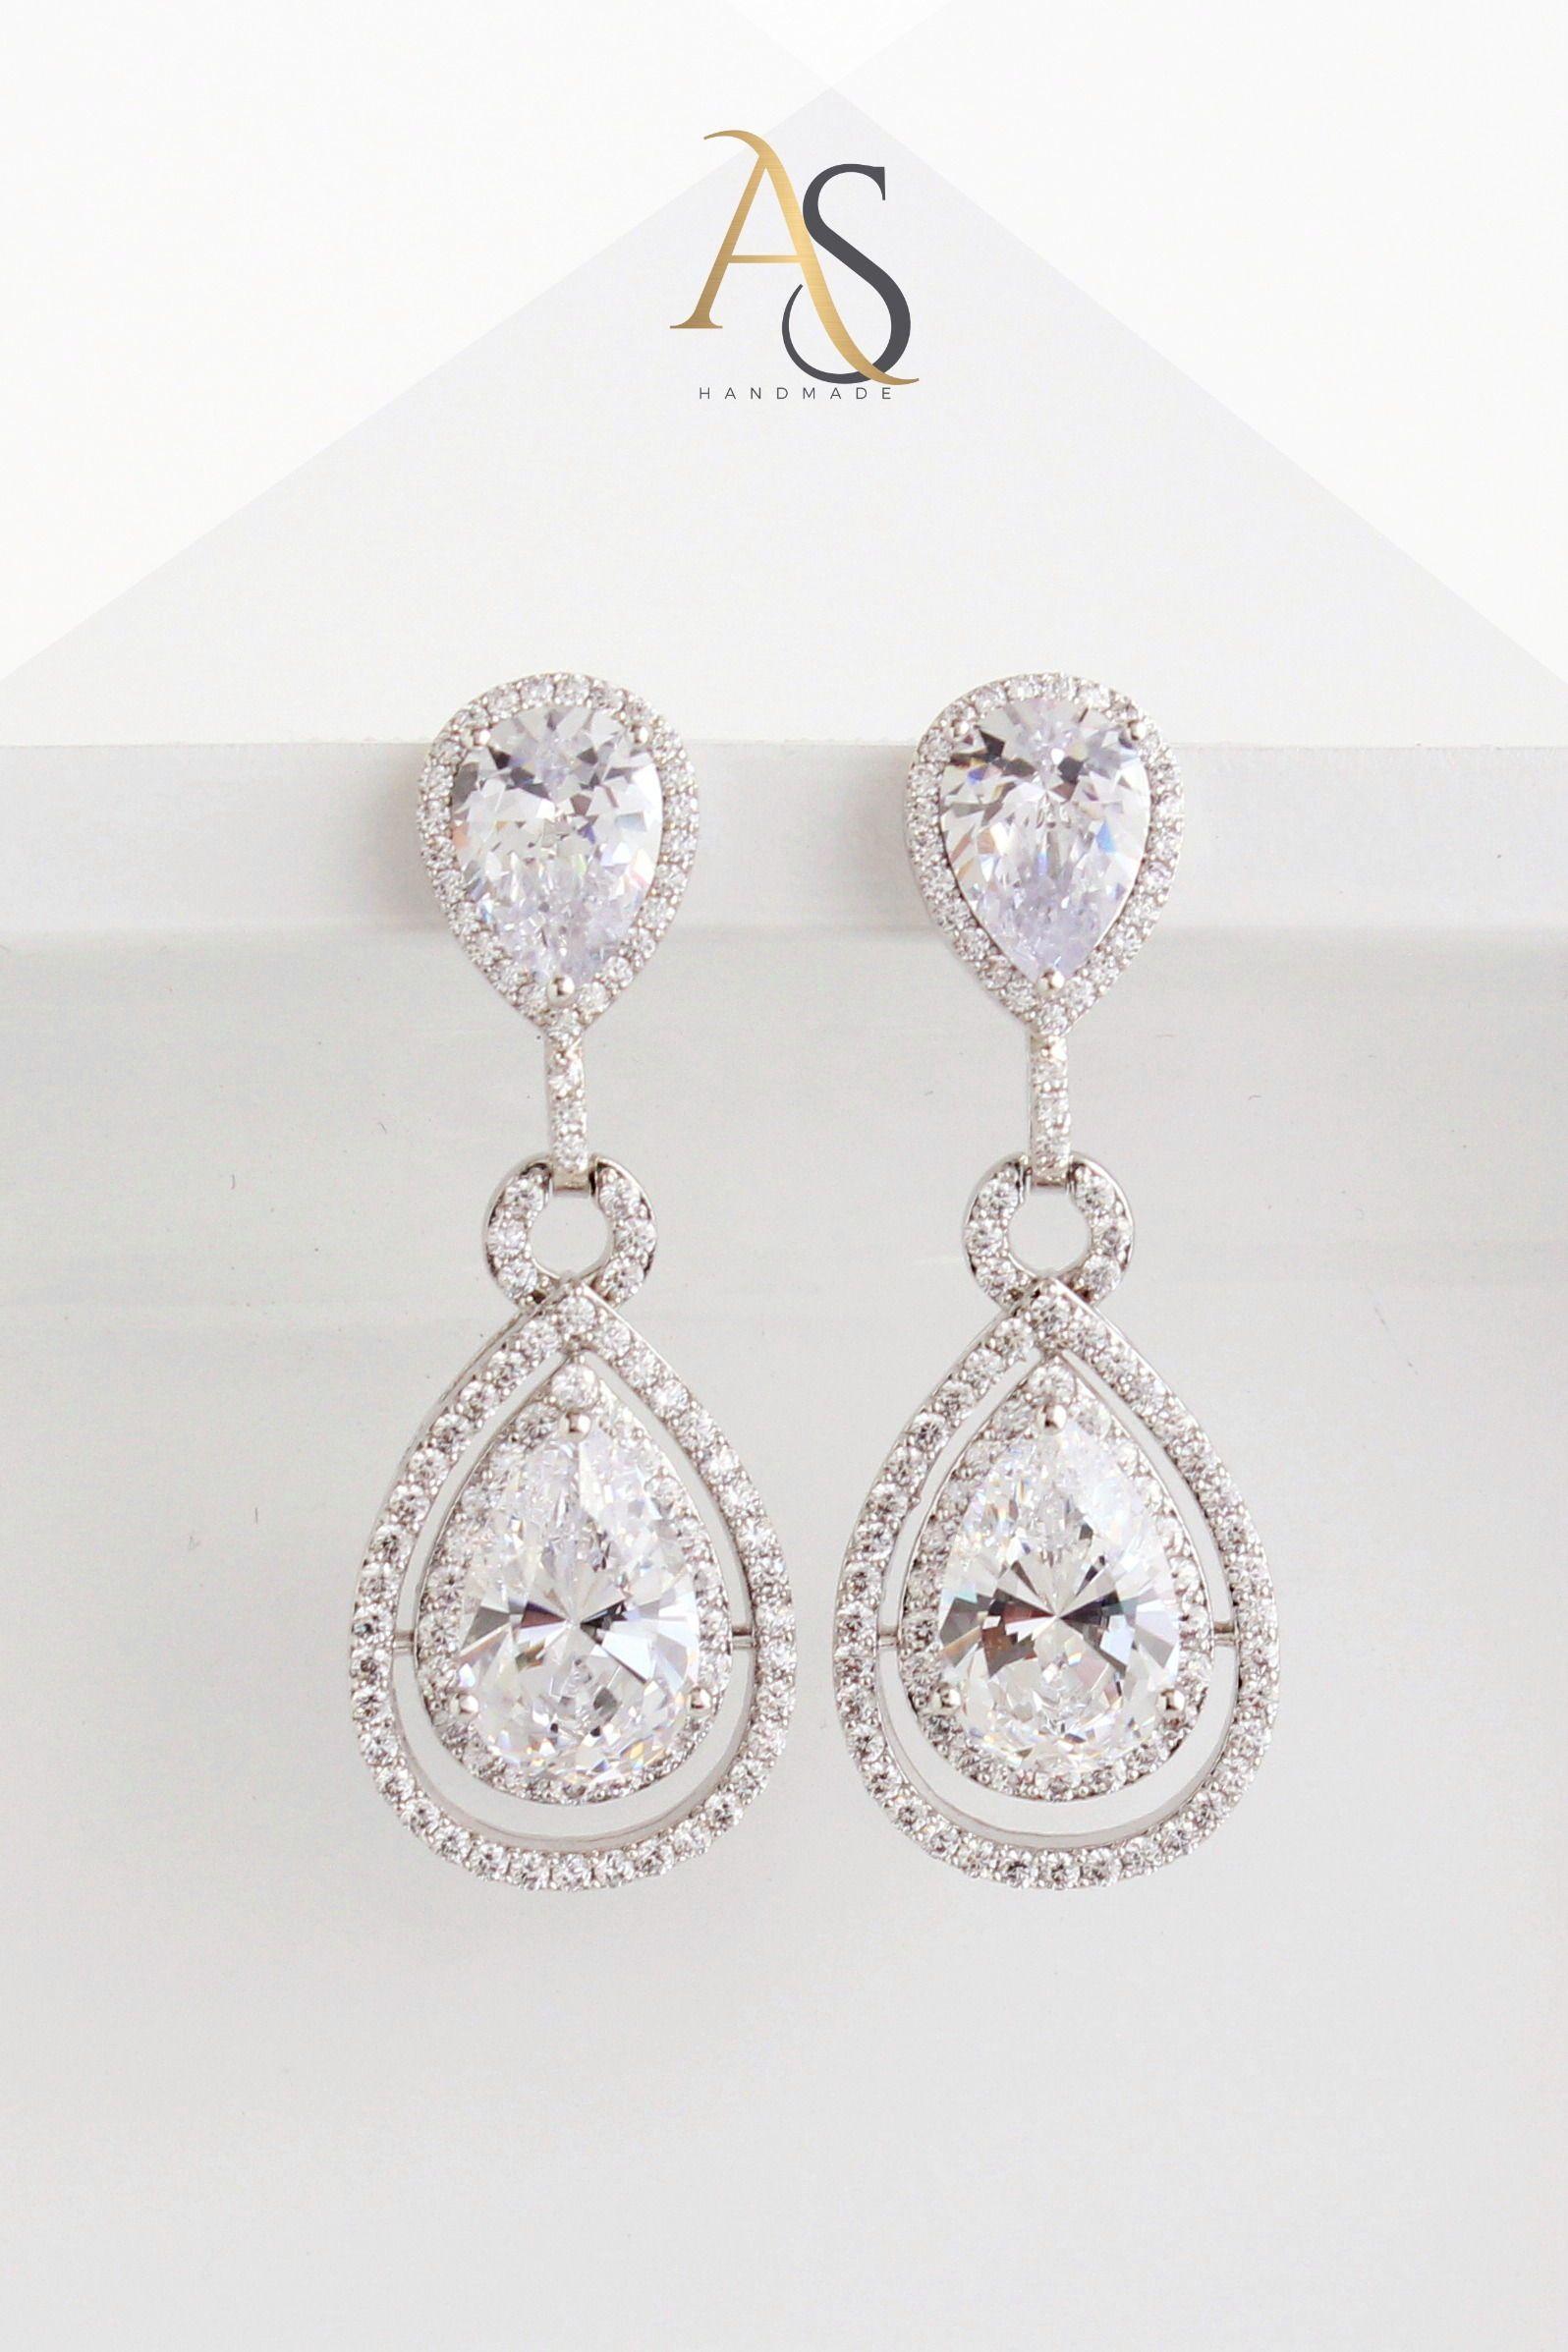 Statement Bridal Earrings Chandelier Crystal Teardrop Earrings Cubic Zirconia Wedding Earrings For Brides Susie Bridal Earrings Wedding Earrings Bride Earrings